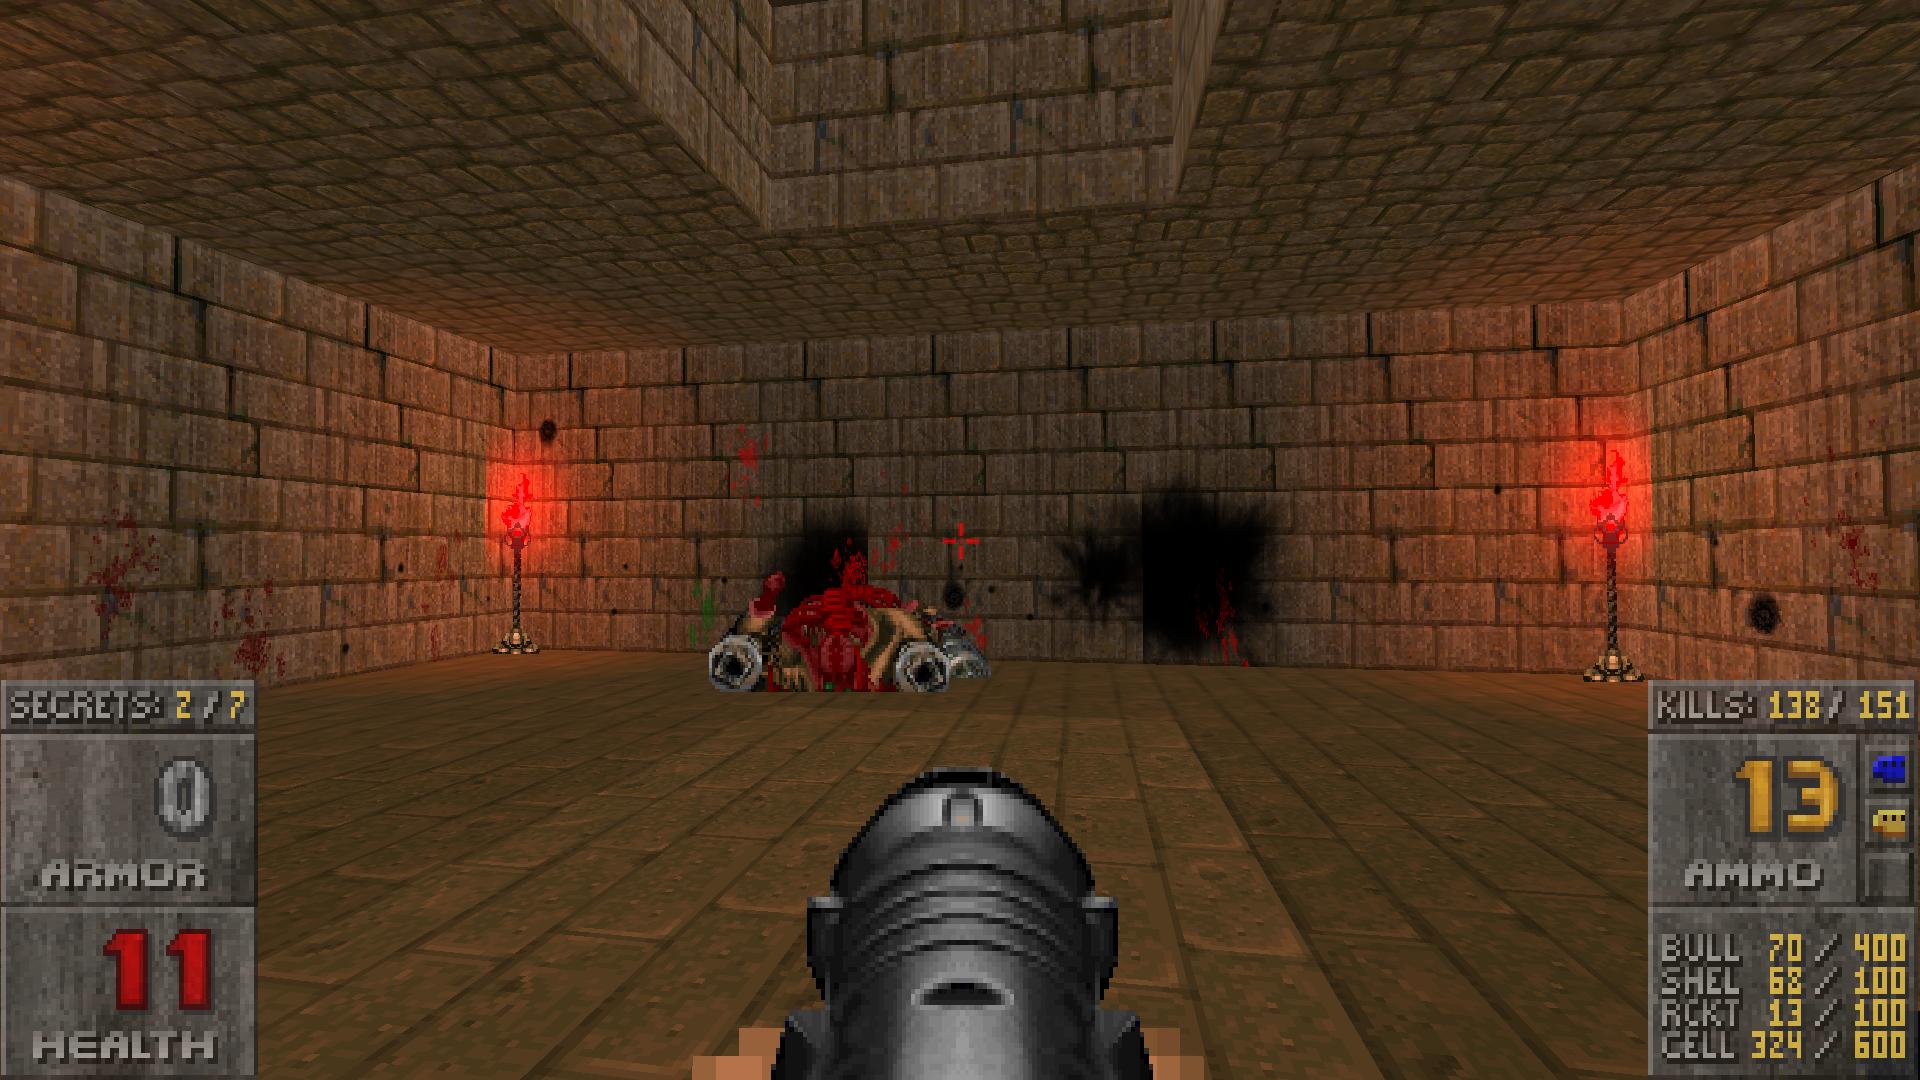 Screenshot_Doom_20210328_182443.png.2dbdd41d1483d8ccf5d6f407ec19c5da.png